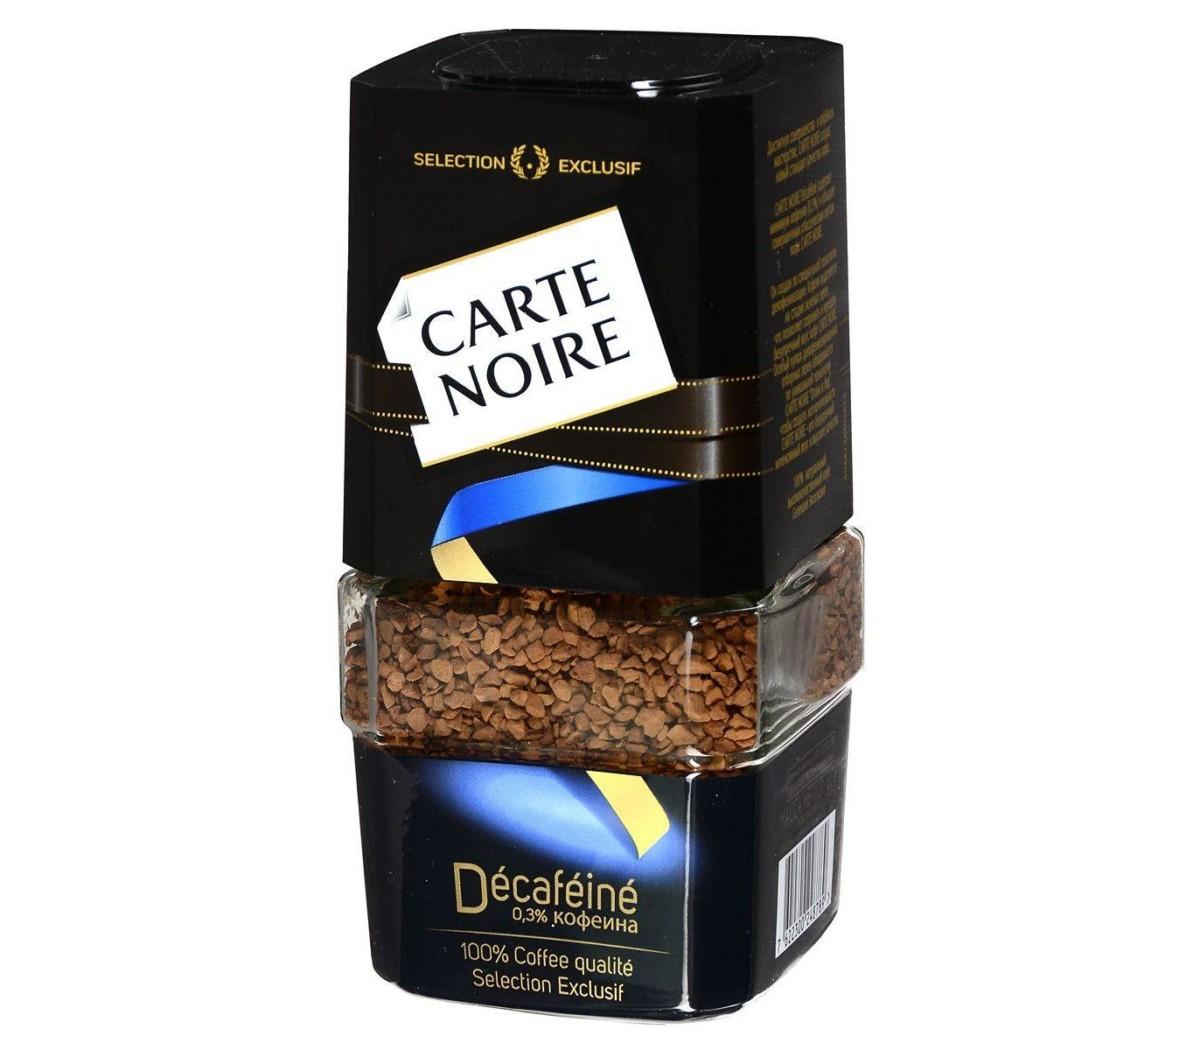 Декофеиновый кофе содержит минимум кофеина